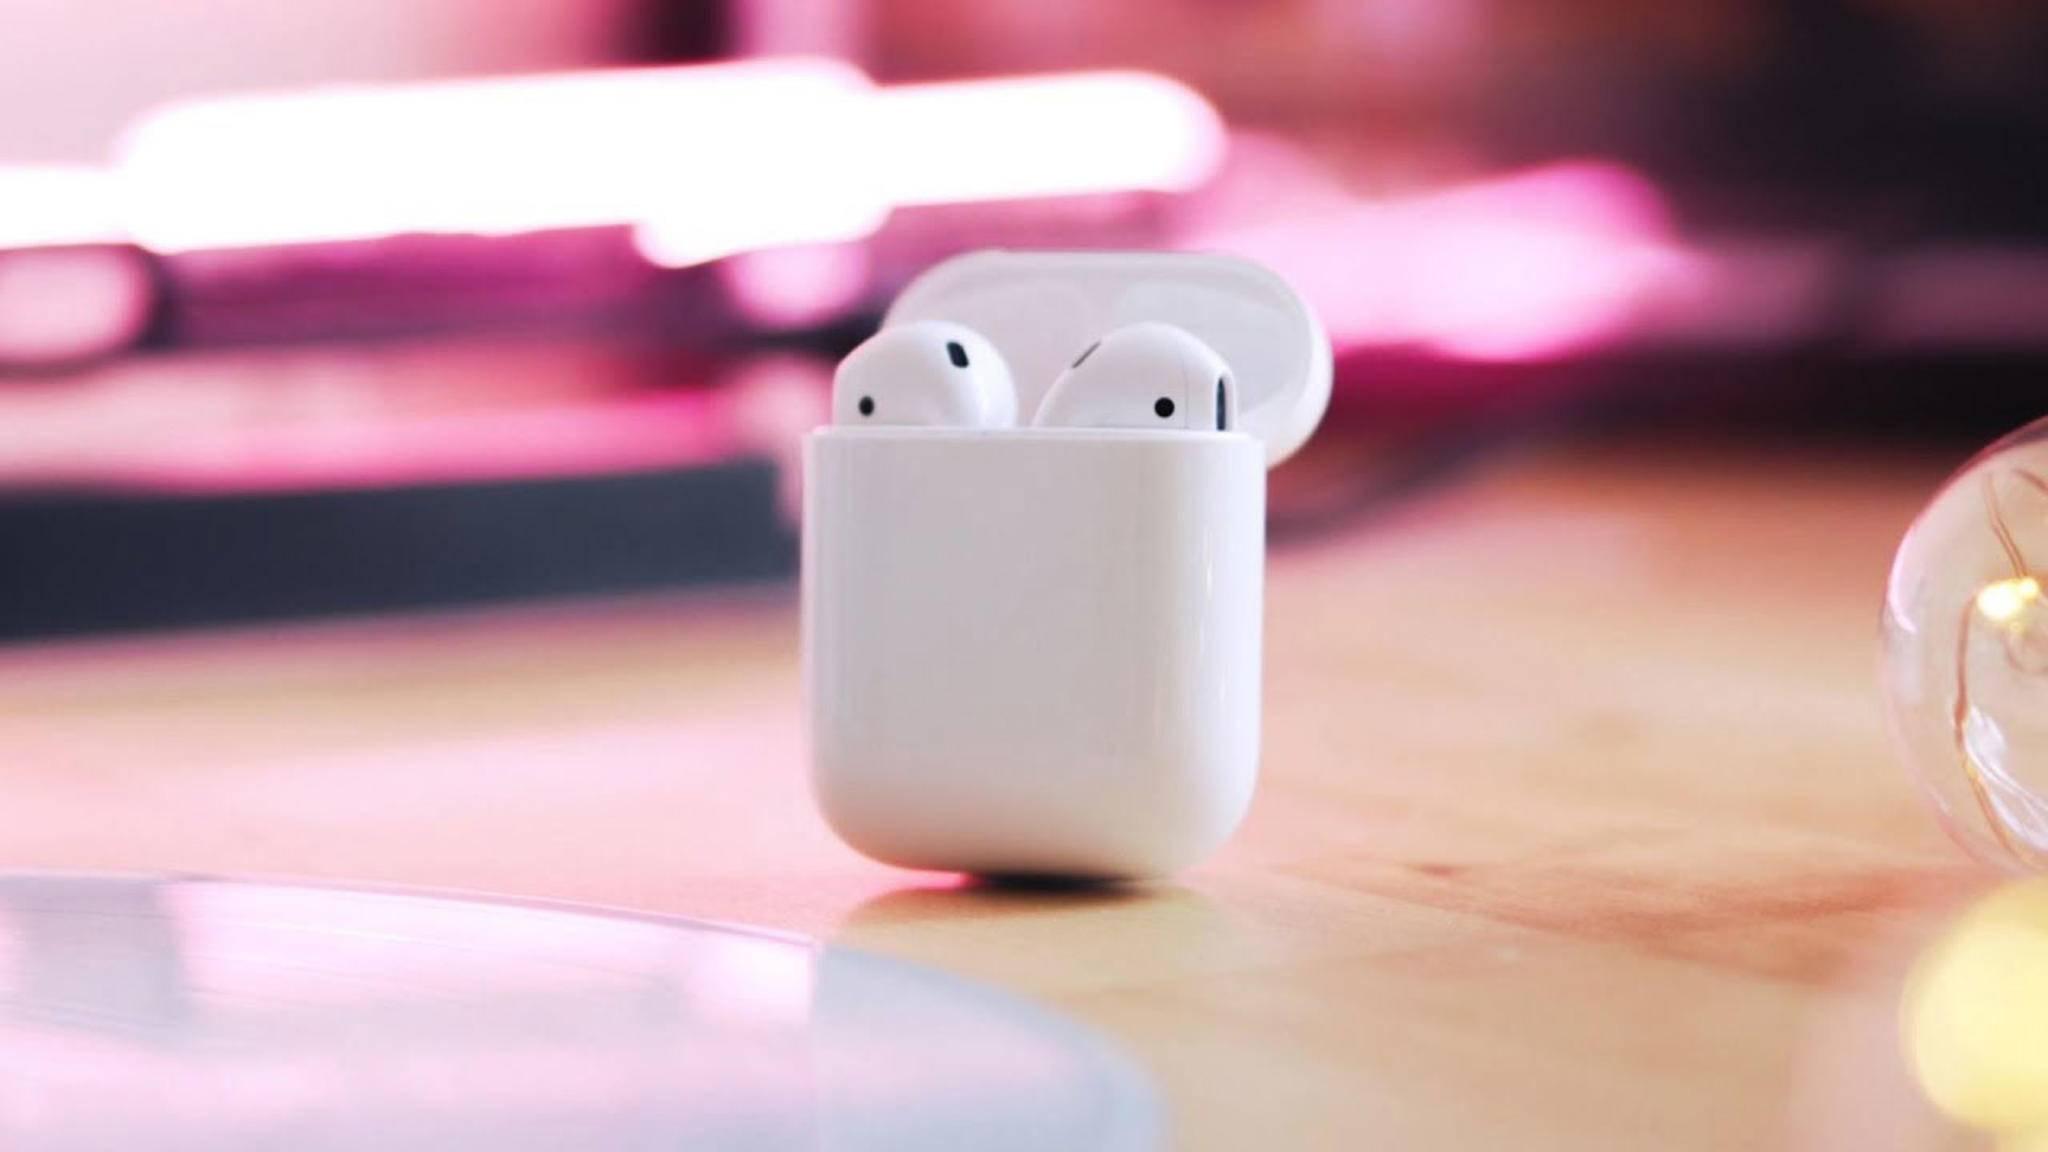 Lassen sich nicht nur mit einem iPhone verbinden: Die Apple AirPods.